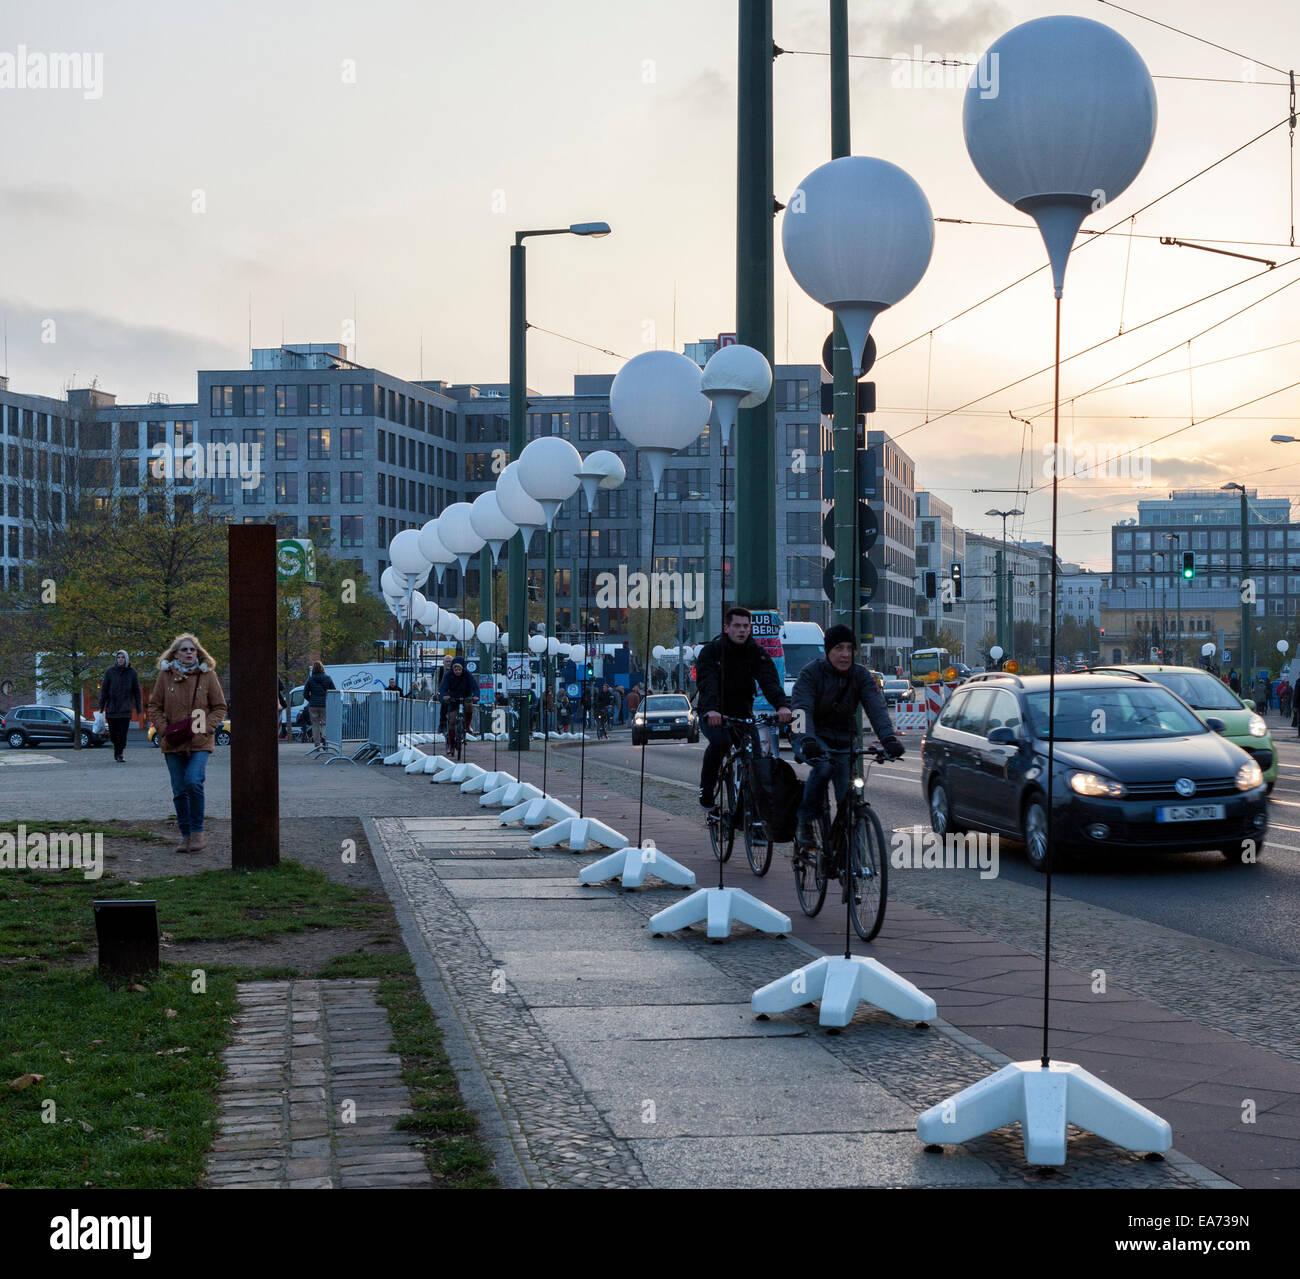 Berlino, Germania. 7 Novembre, 2014. Il venticinquesimo anniversario della caduta del muro di Berlino si celebra Immagini Stock